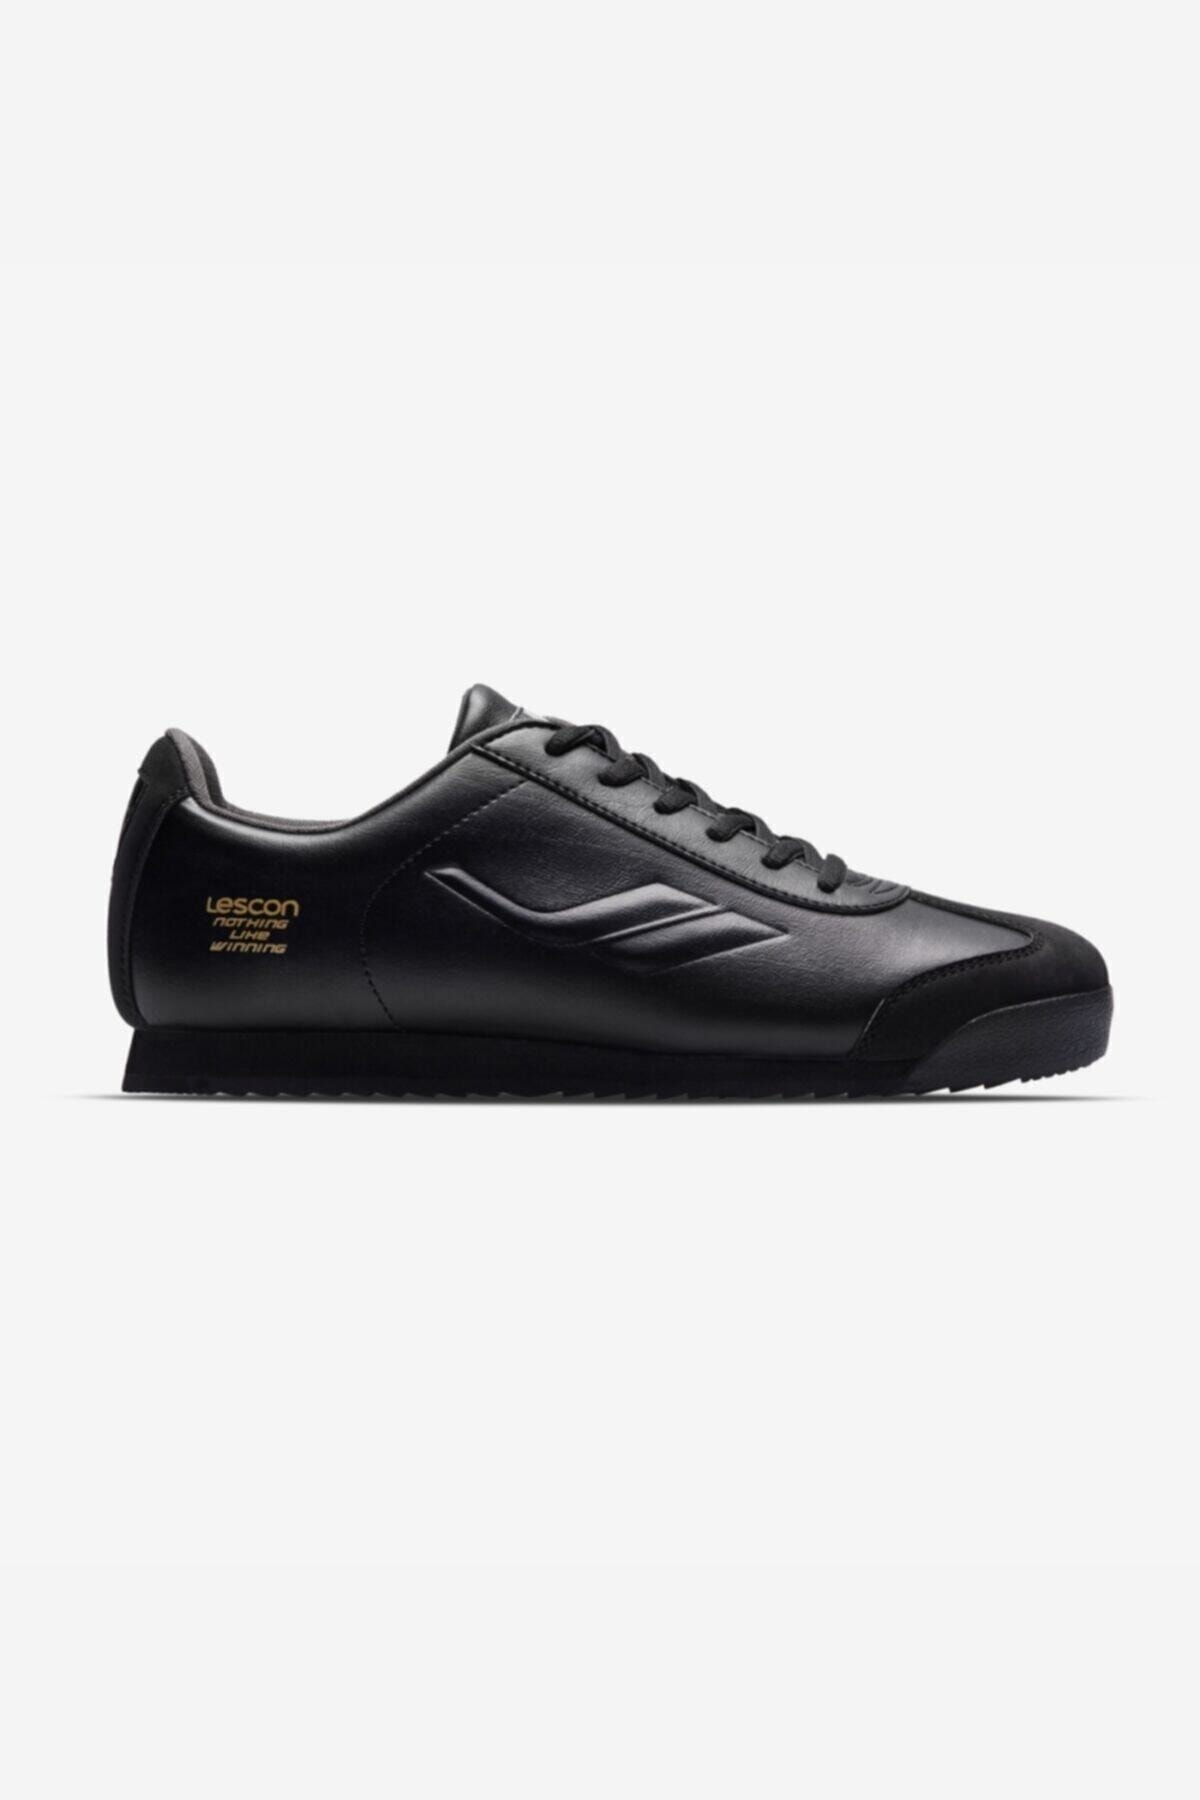 Lescon Winner-2 Siyah Unisex Spor Ayakkabı 1